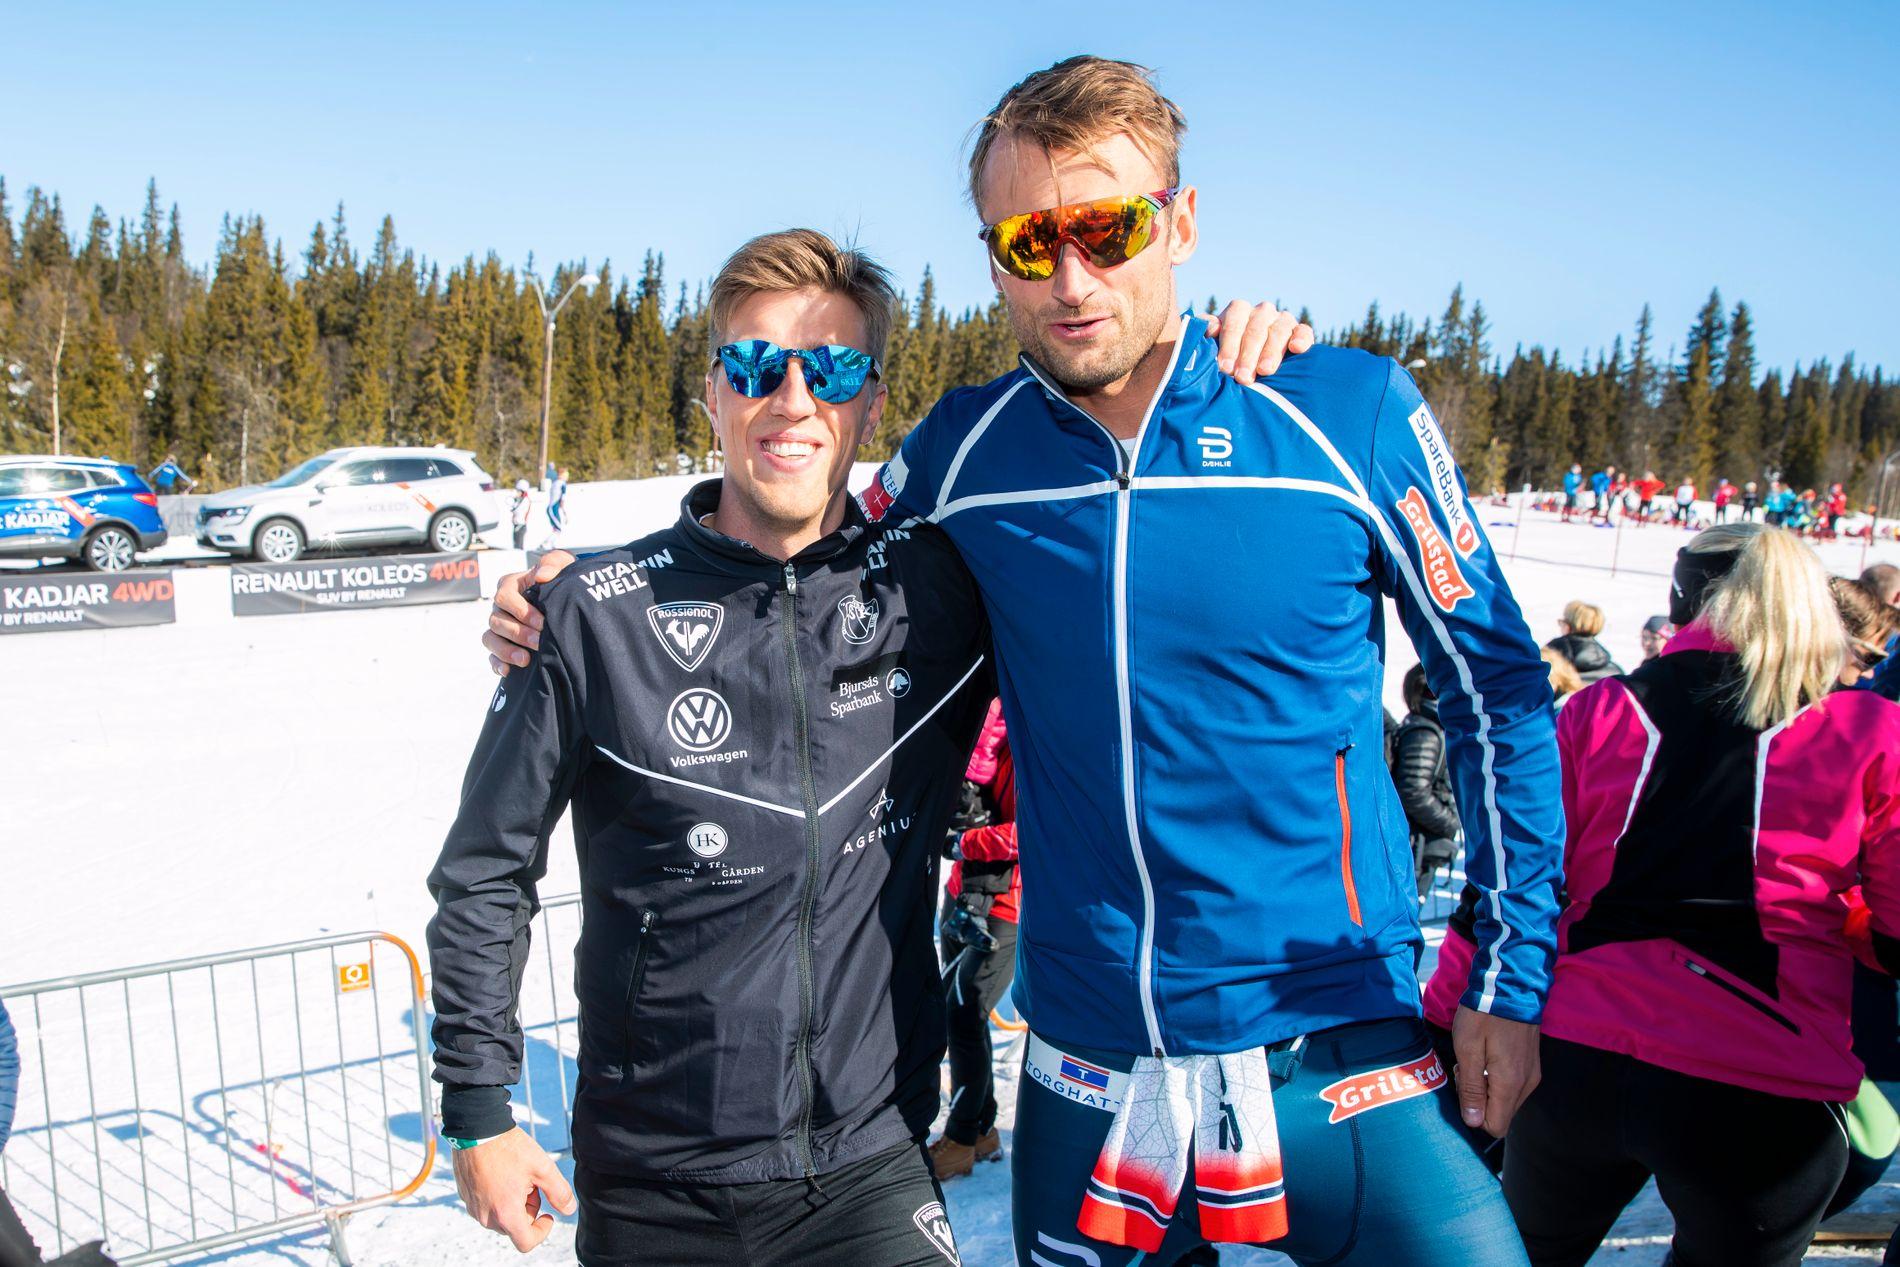 Både Calle Halfvarsson (t.v.) og Petter Northug ble knust da de løp mot Therese Johaug, ifølge Halfvarsson. Bildet er fra showrennet Janteloppet på Hafjell tidligere i år.